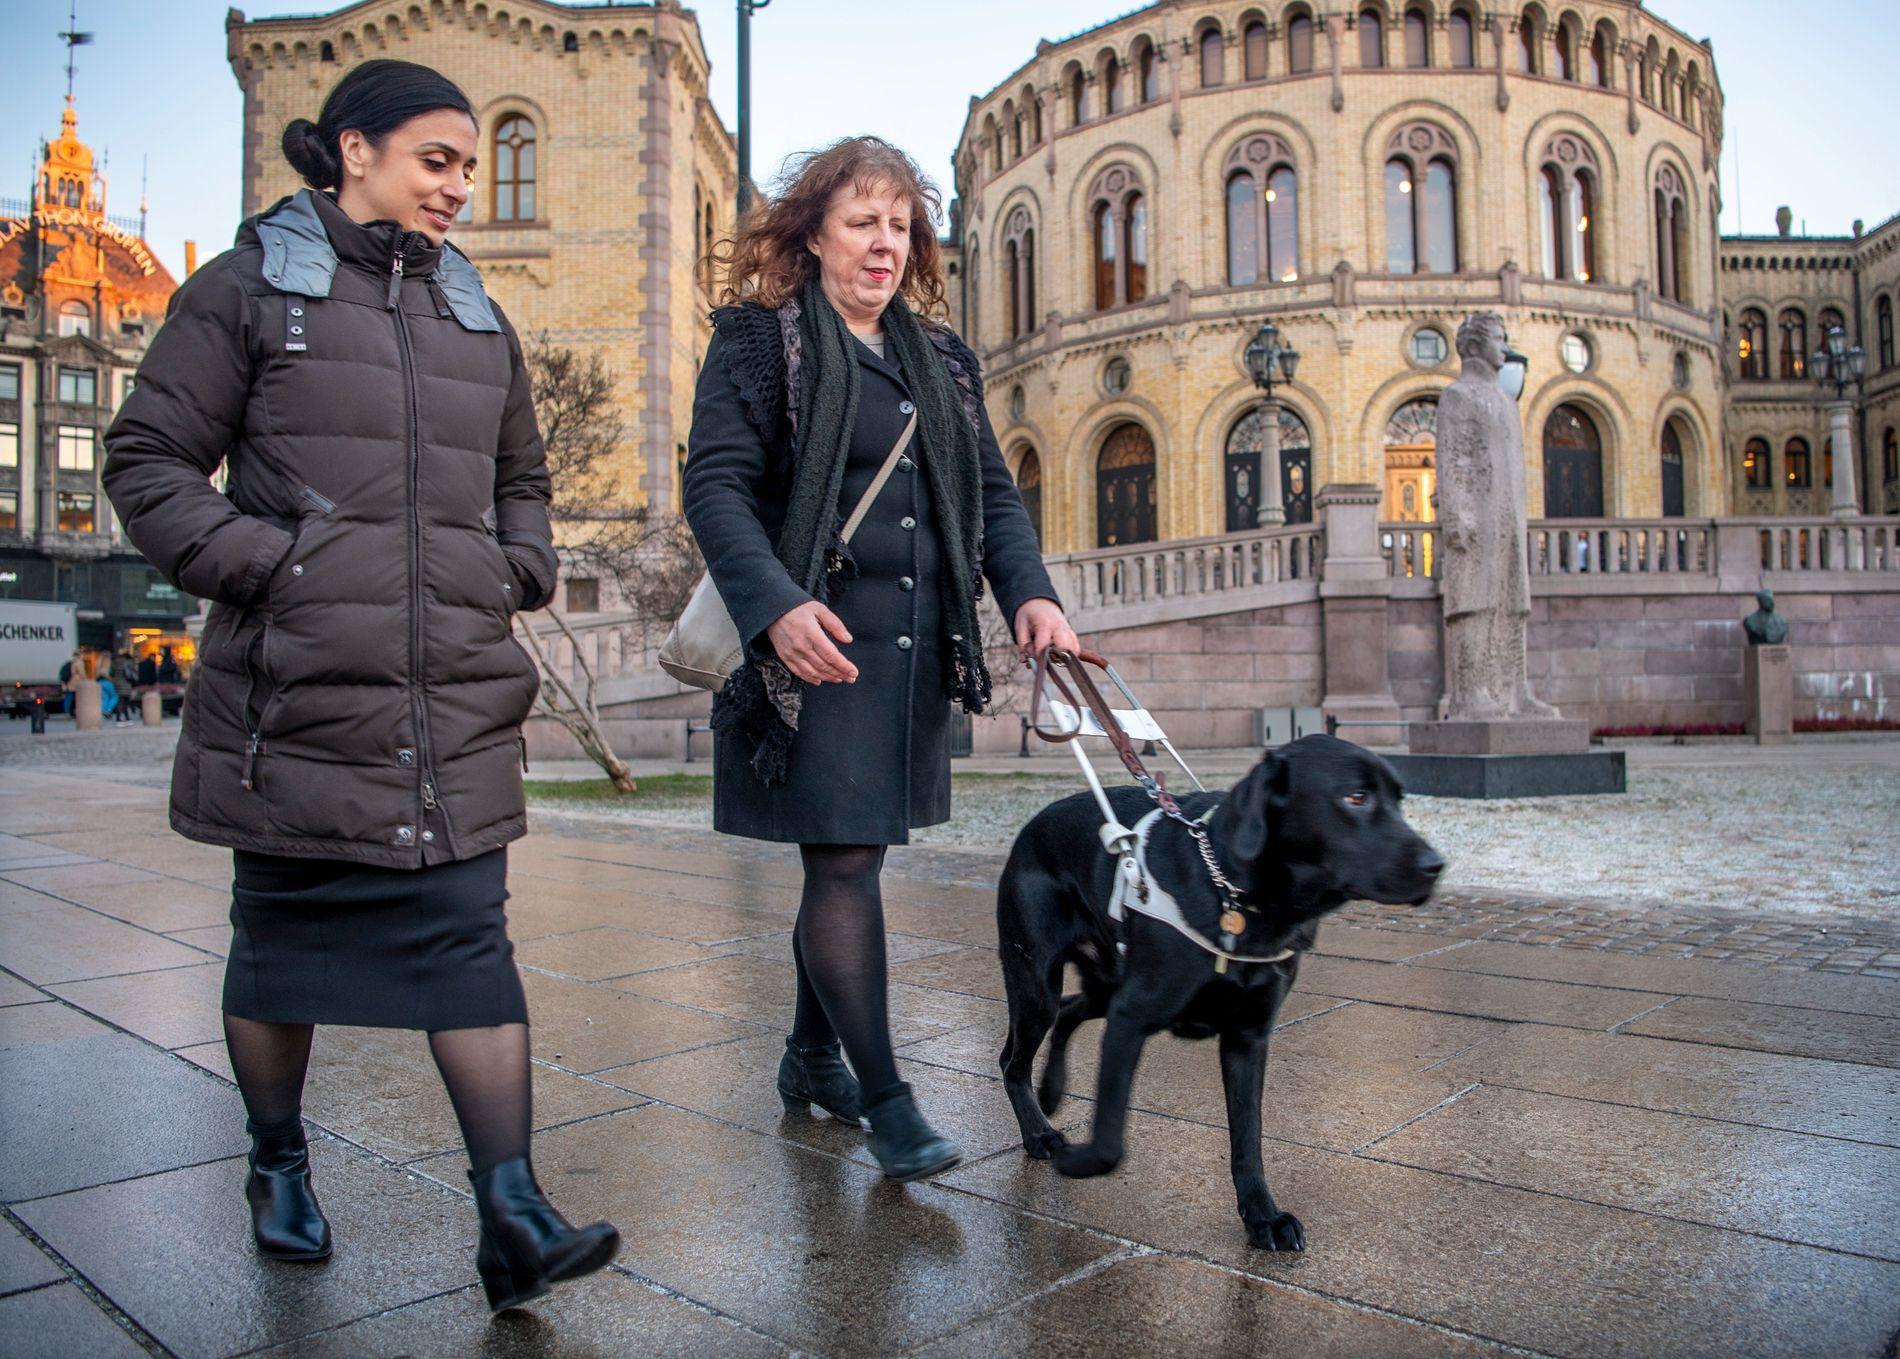 MED FØRERHUNDEN: Kristin Berg med Ap-nestleder Hadia Tajik foran Stortinget. Berg sier det er hyggelig at folk vil klappe førerhunden Bilbo, men at de ikke bør gjøre det, fordi det tar bort hundens fokus fra å gjøre jobben sin.